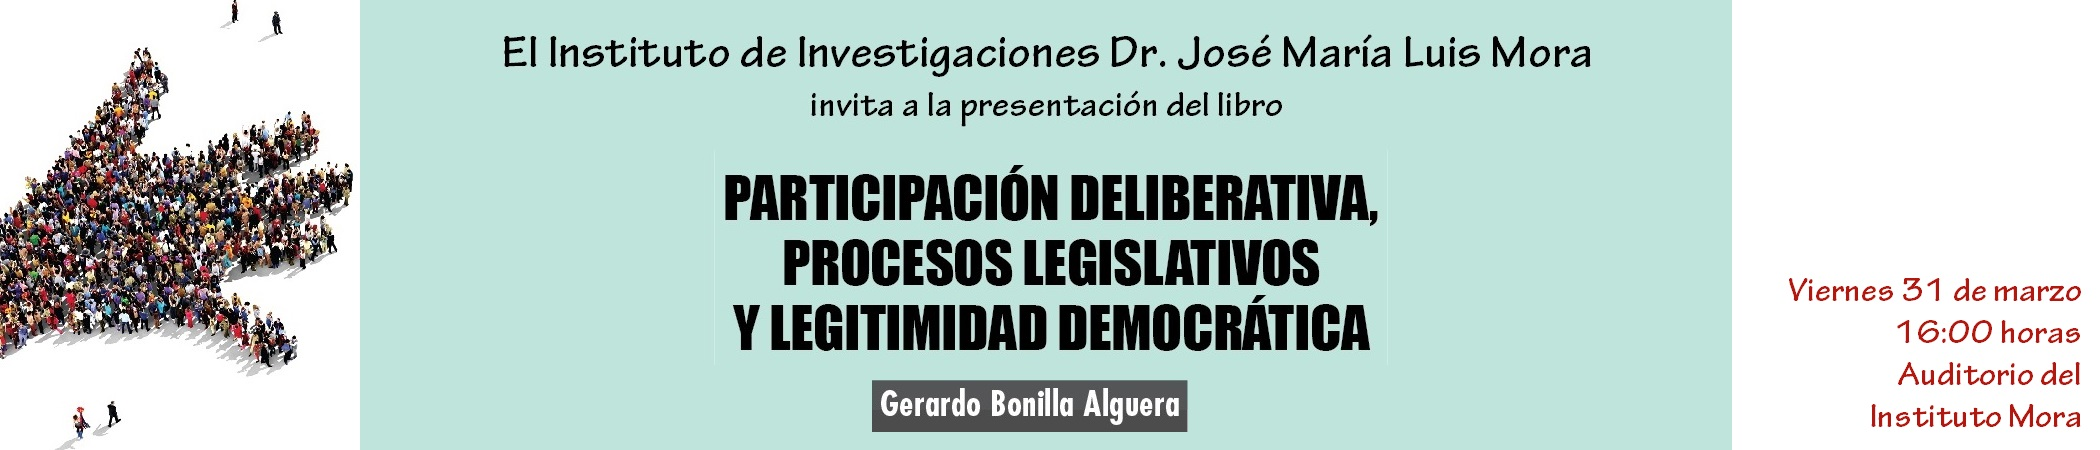 Participación deliberativa, procesos legislativos y legitimidad democrática